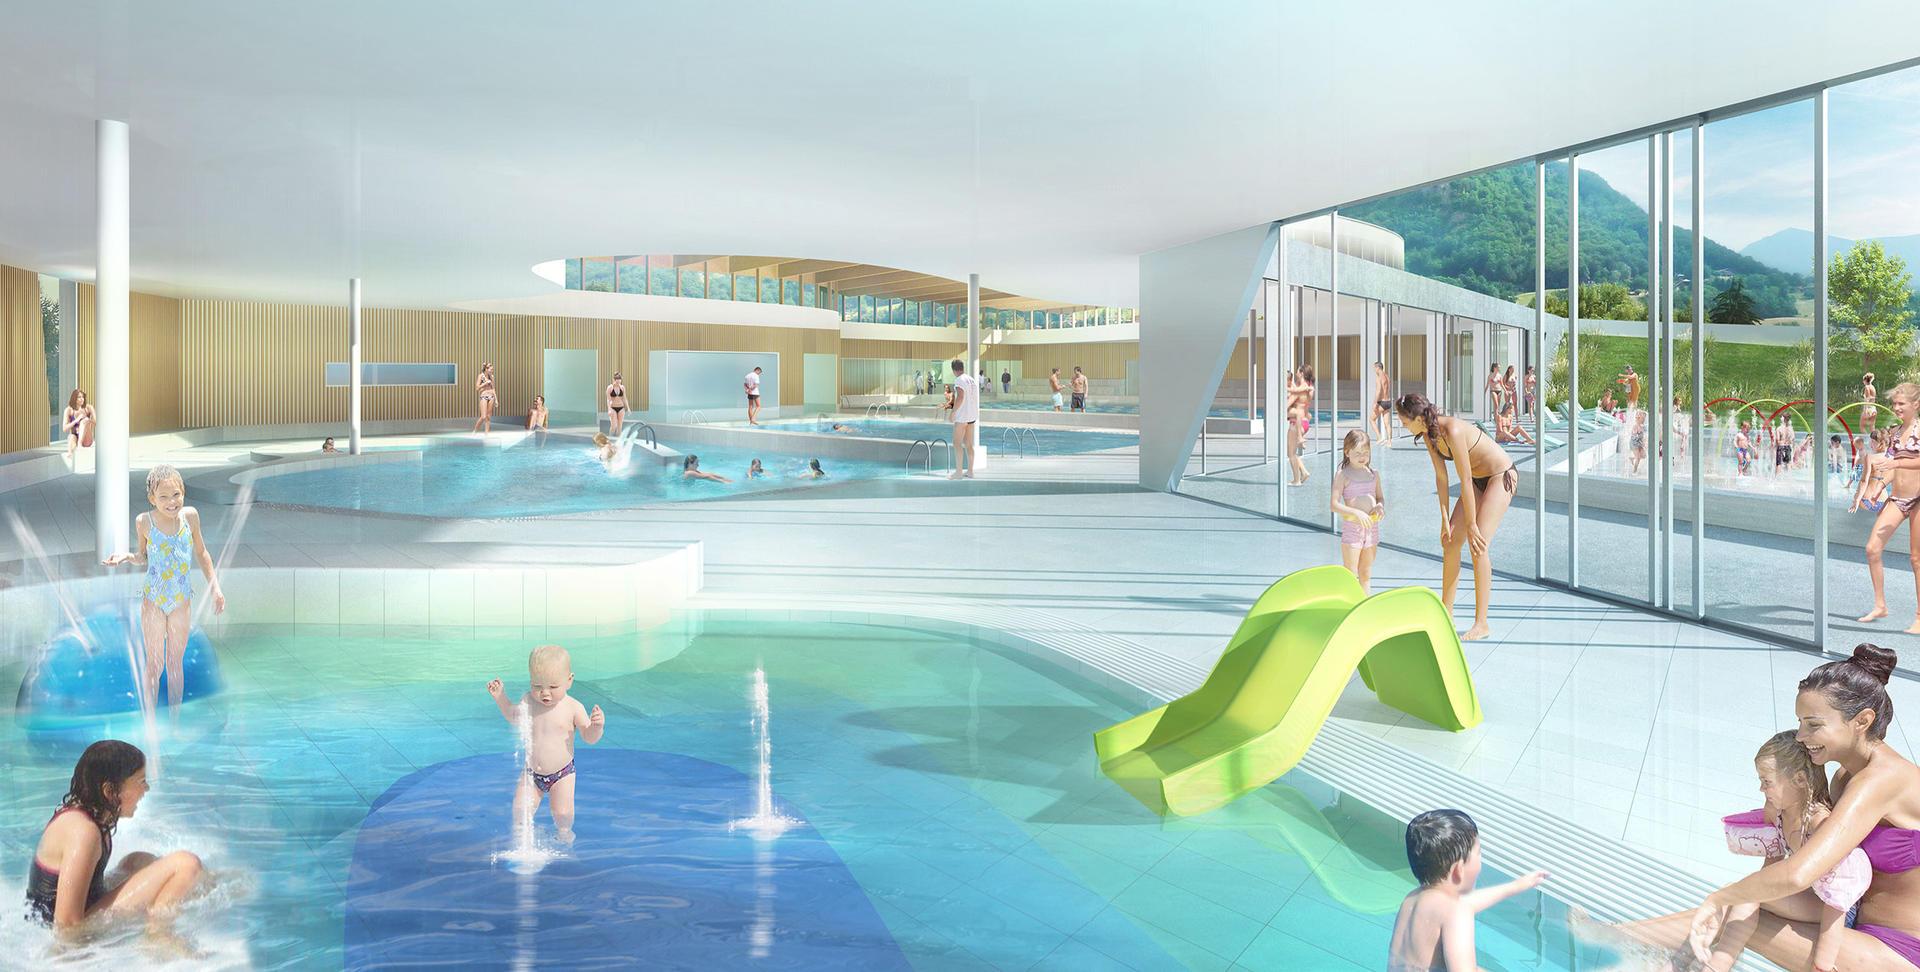 Le Centre Aquatique De Sallanches - Ville De Sallanches dedans Piscine Sallanches